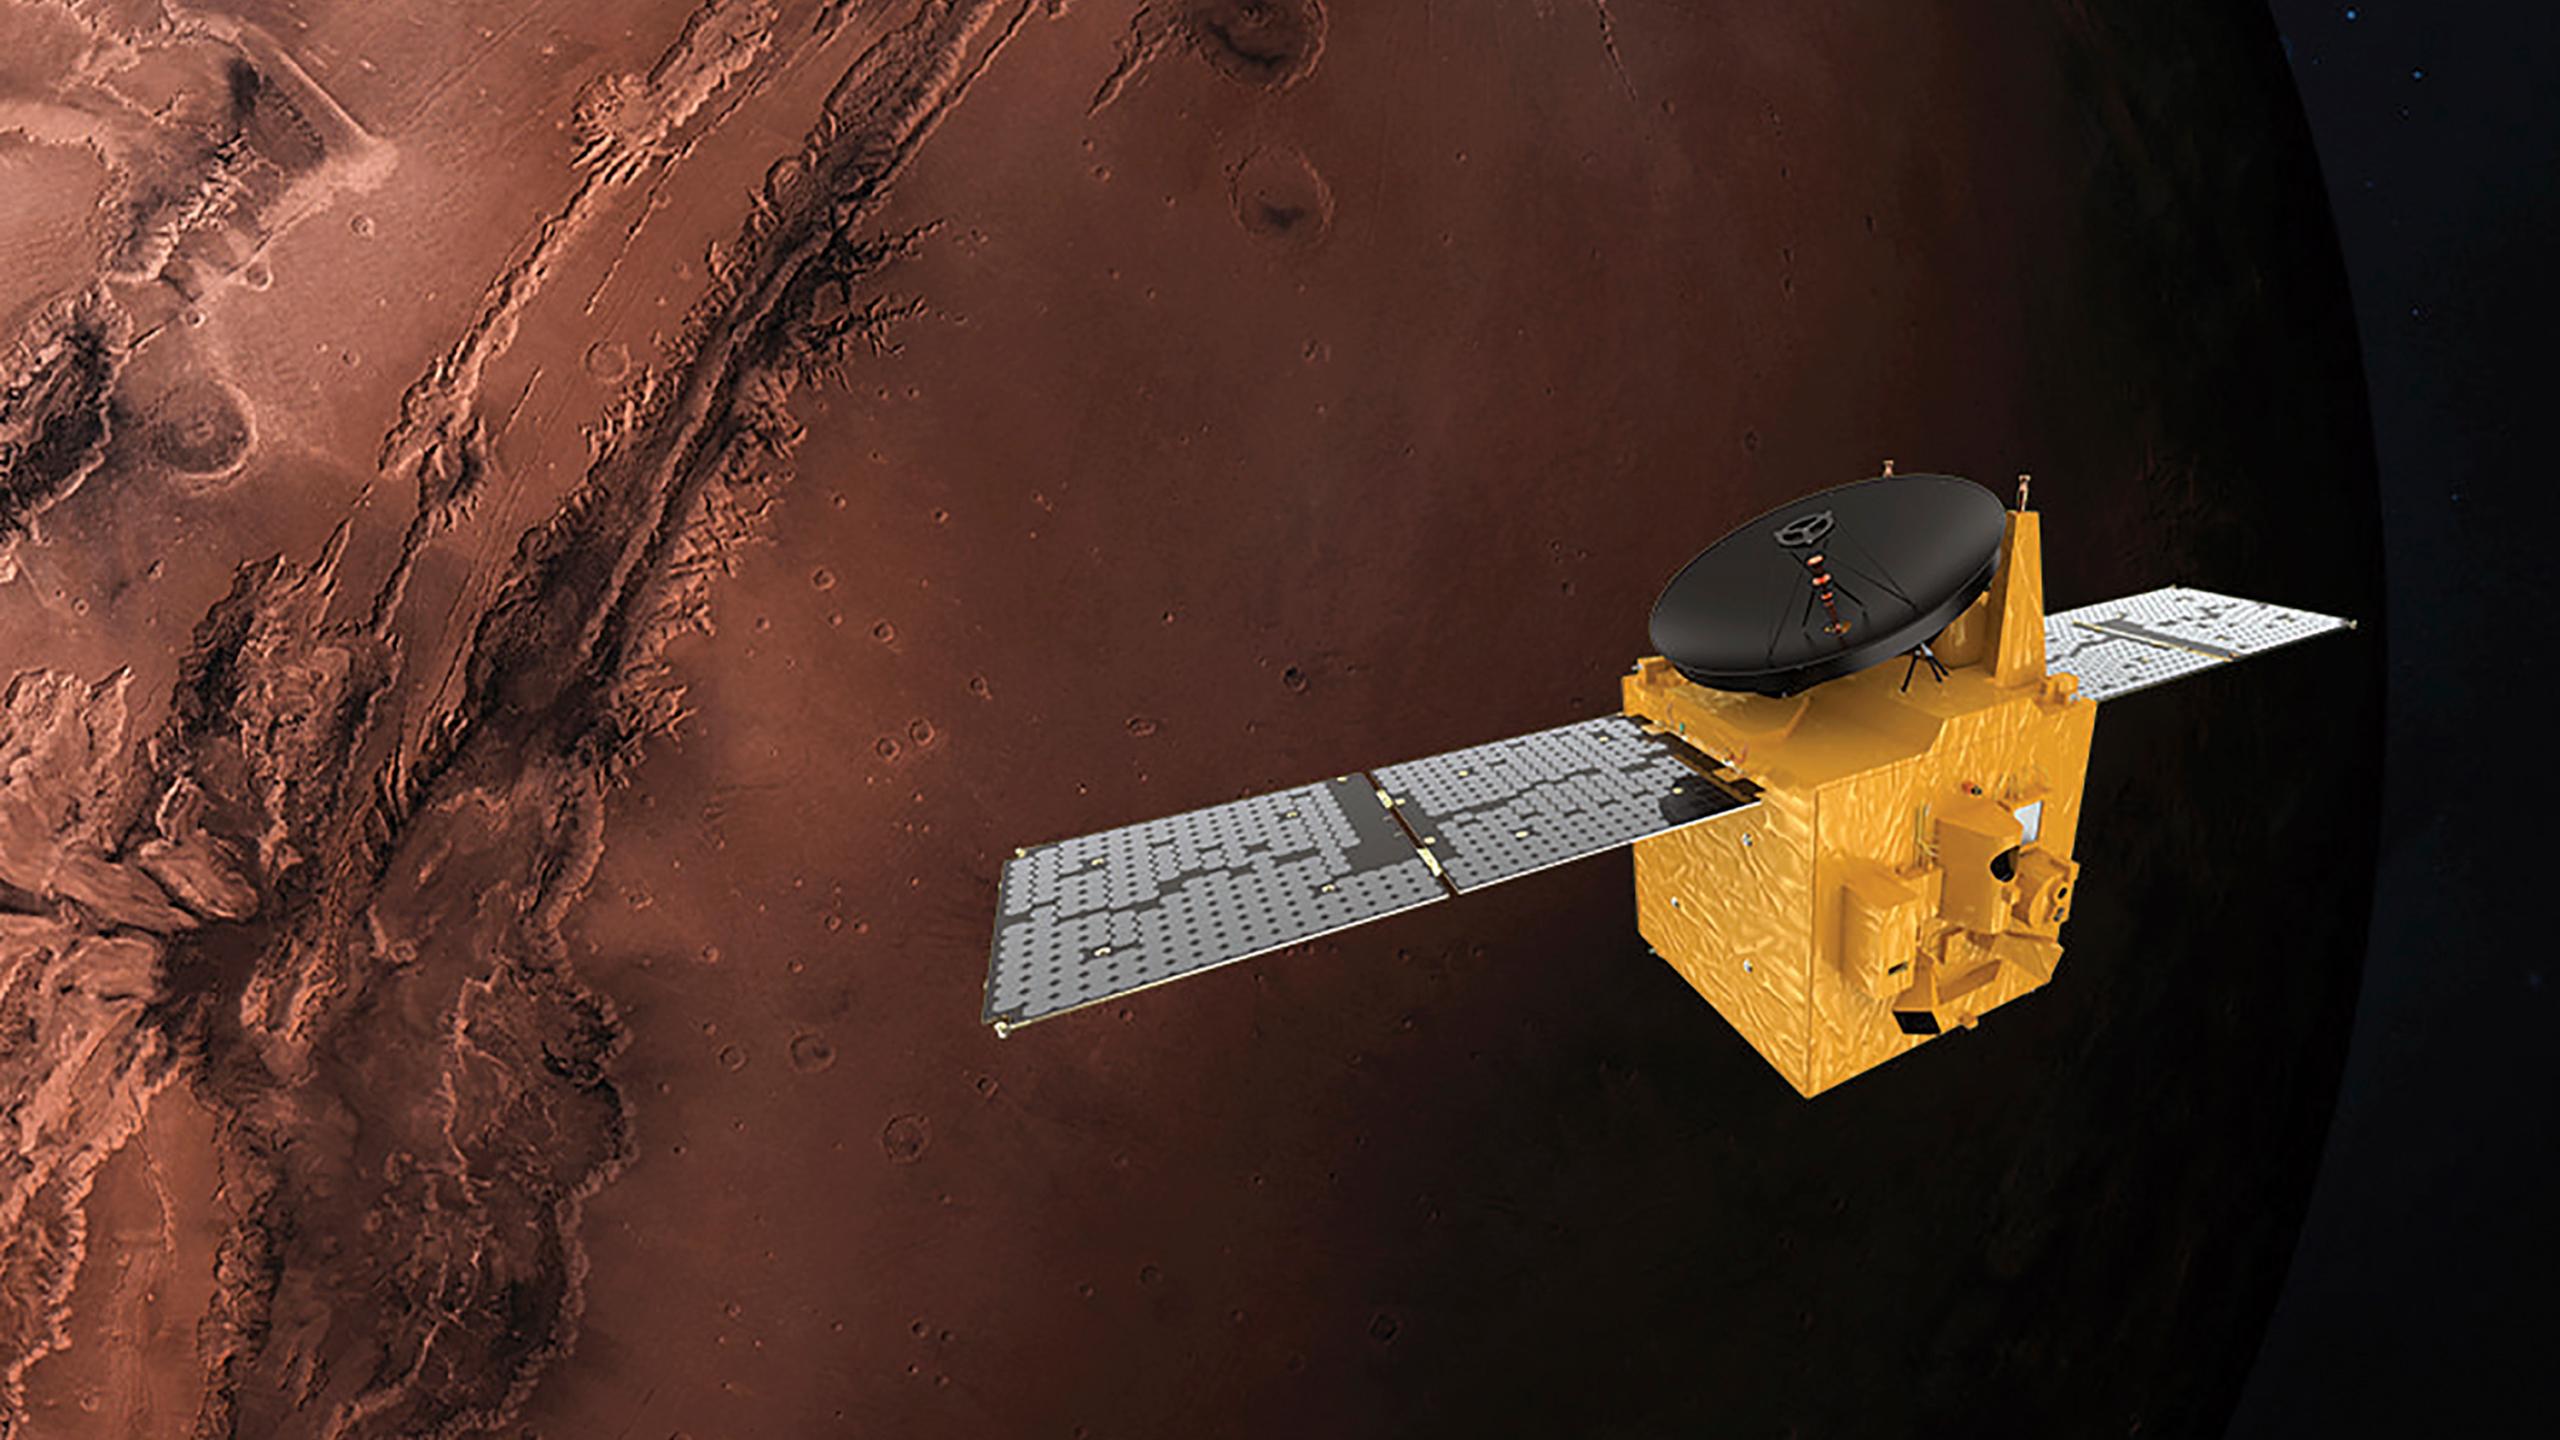 Исследовательские станции ОАЭ и КНР вышли на орбиту Марса